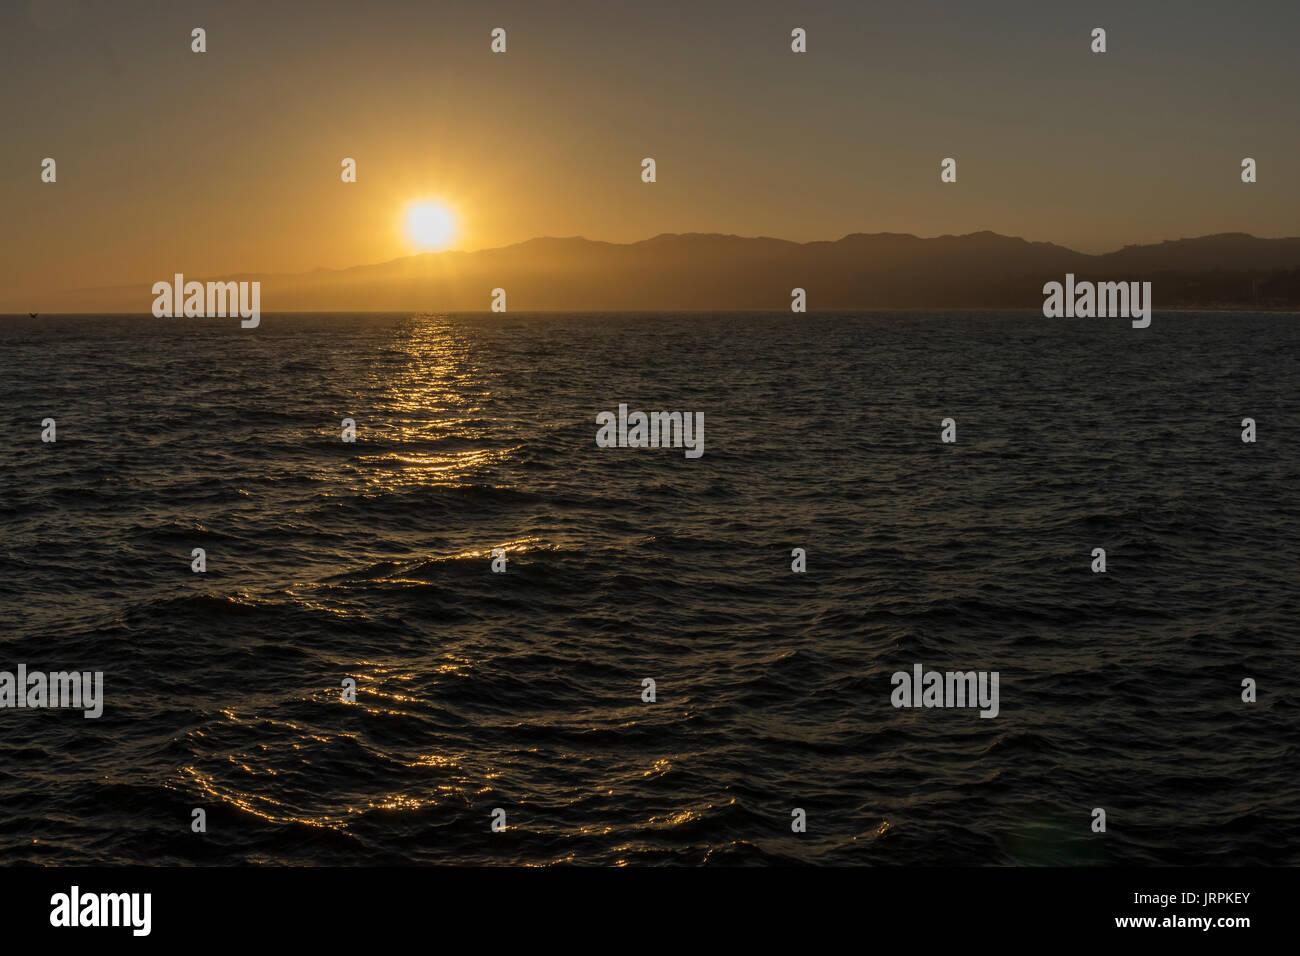 Anochecer en el oceano pacifico, en las pliayas de Santa Mónica, el reflejo del sol en el agua, deja un camino de luz, atras se ven pequeñas montañas Imagen De Stock